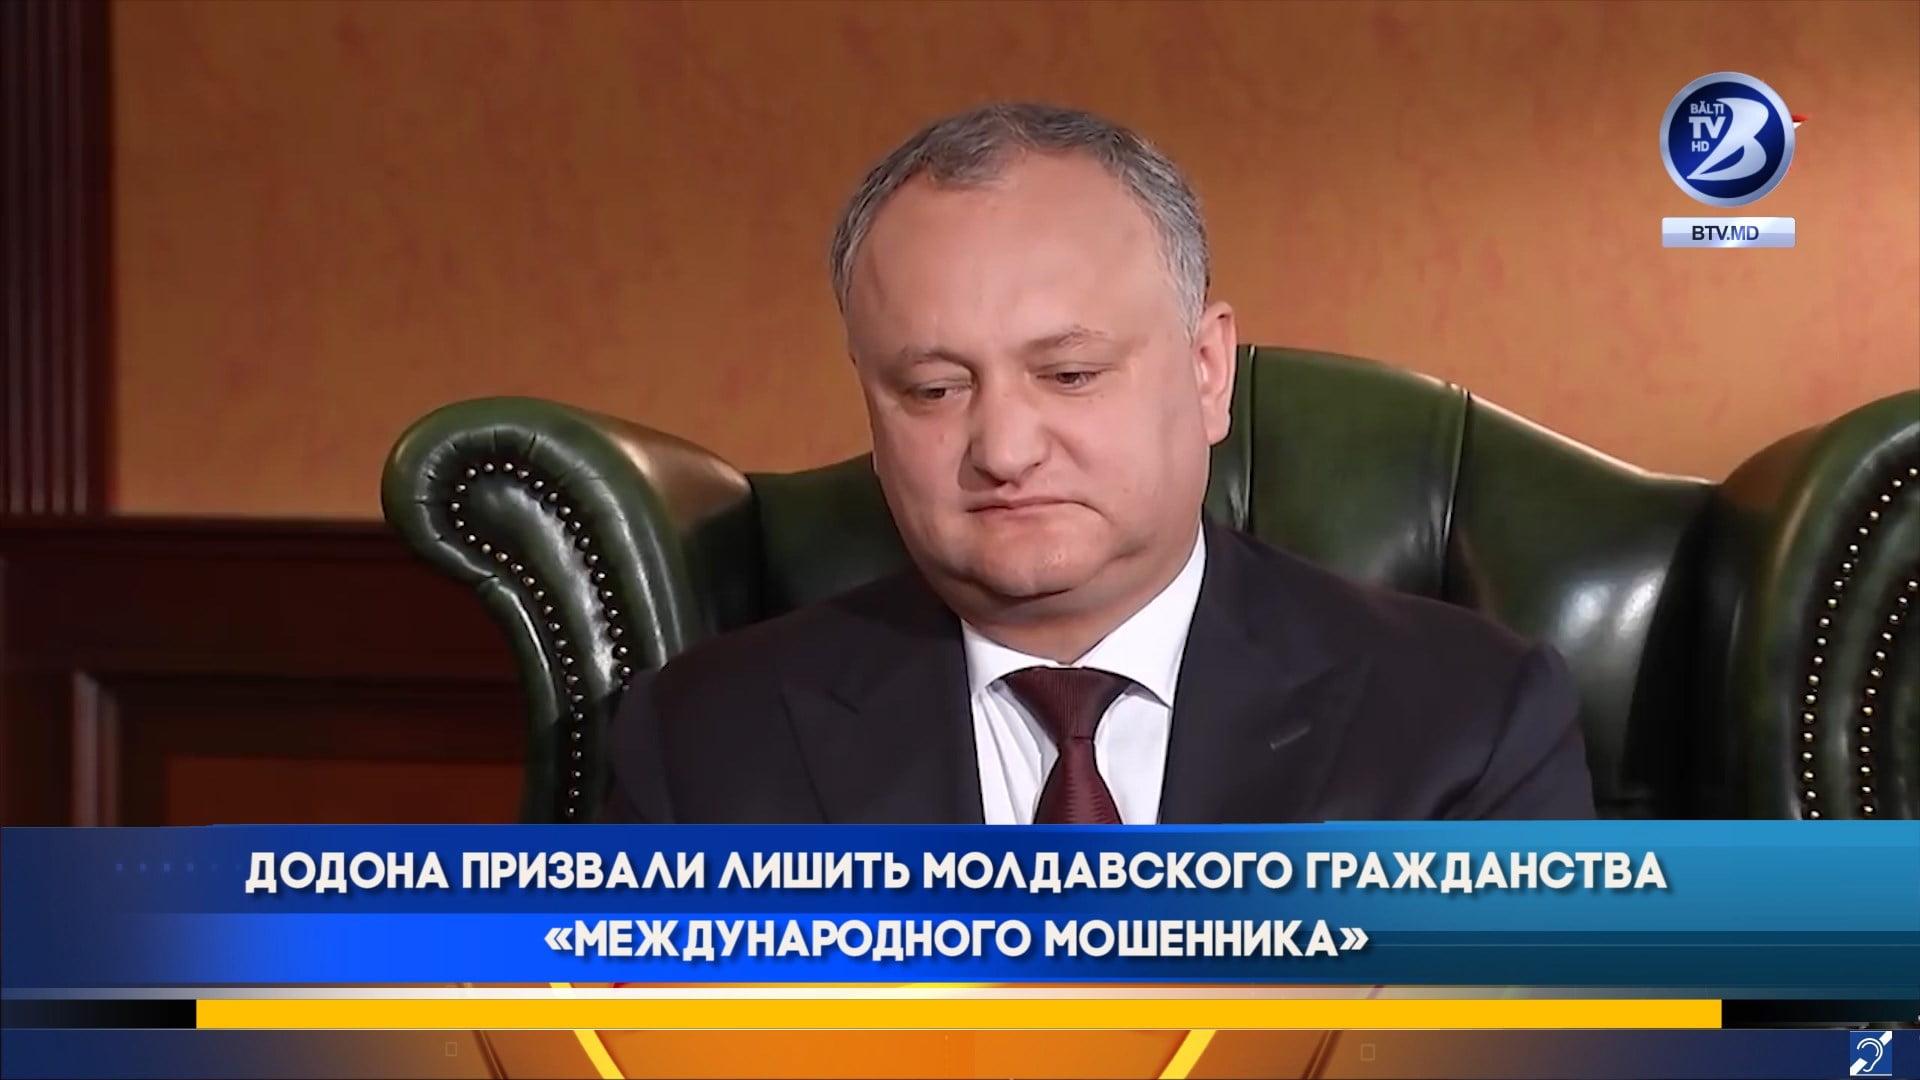 Додона призвали лишить молдавского гражданства «международного мошенника»